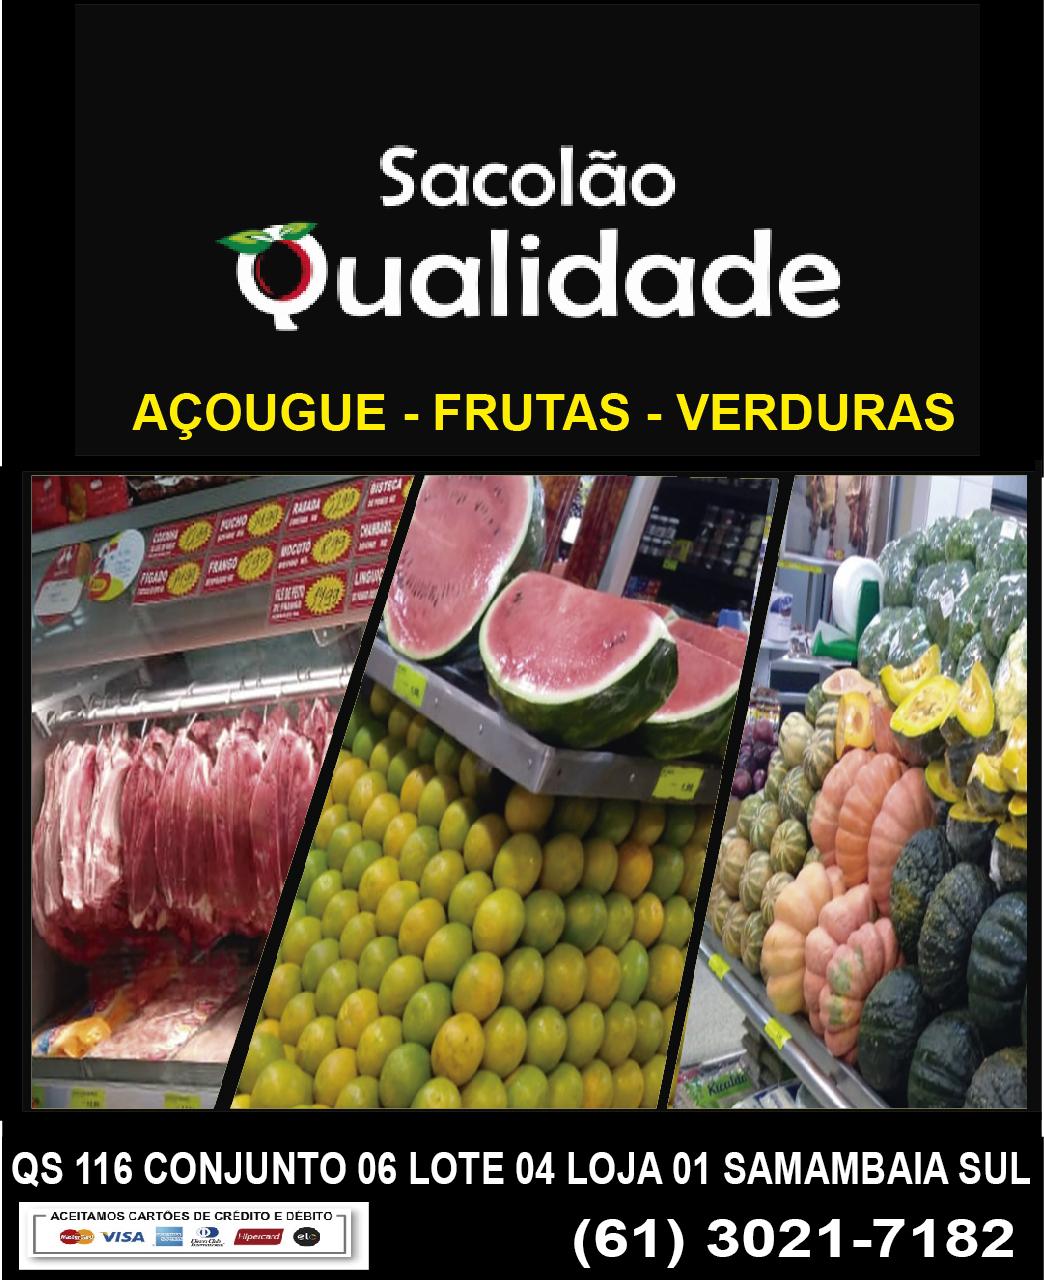 SACOLÃO QUALIDADE